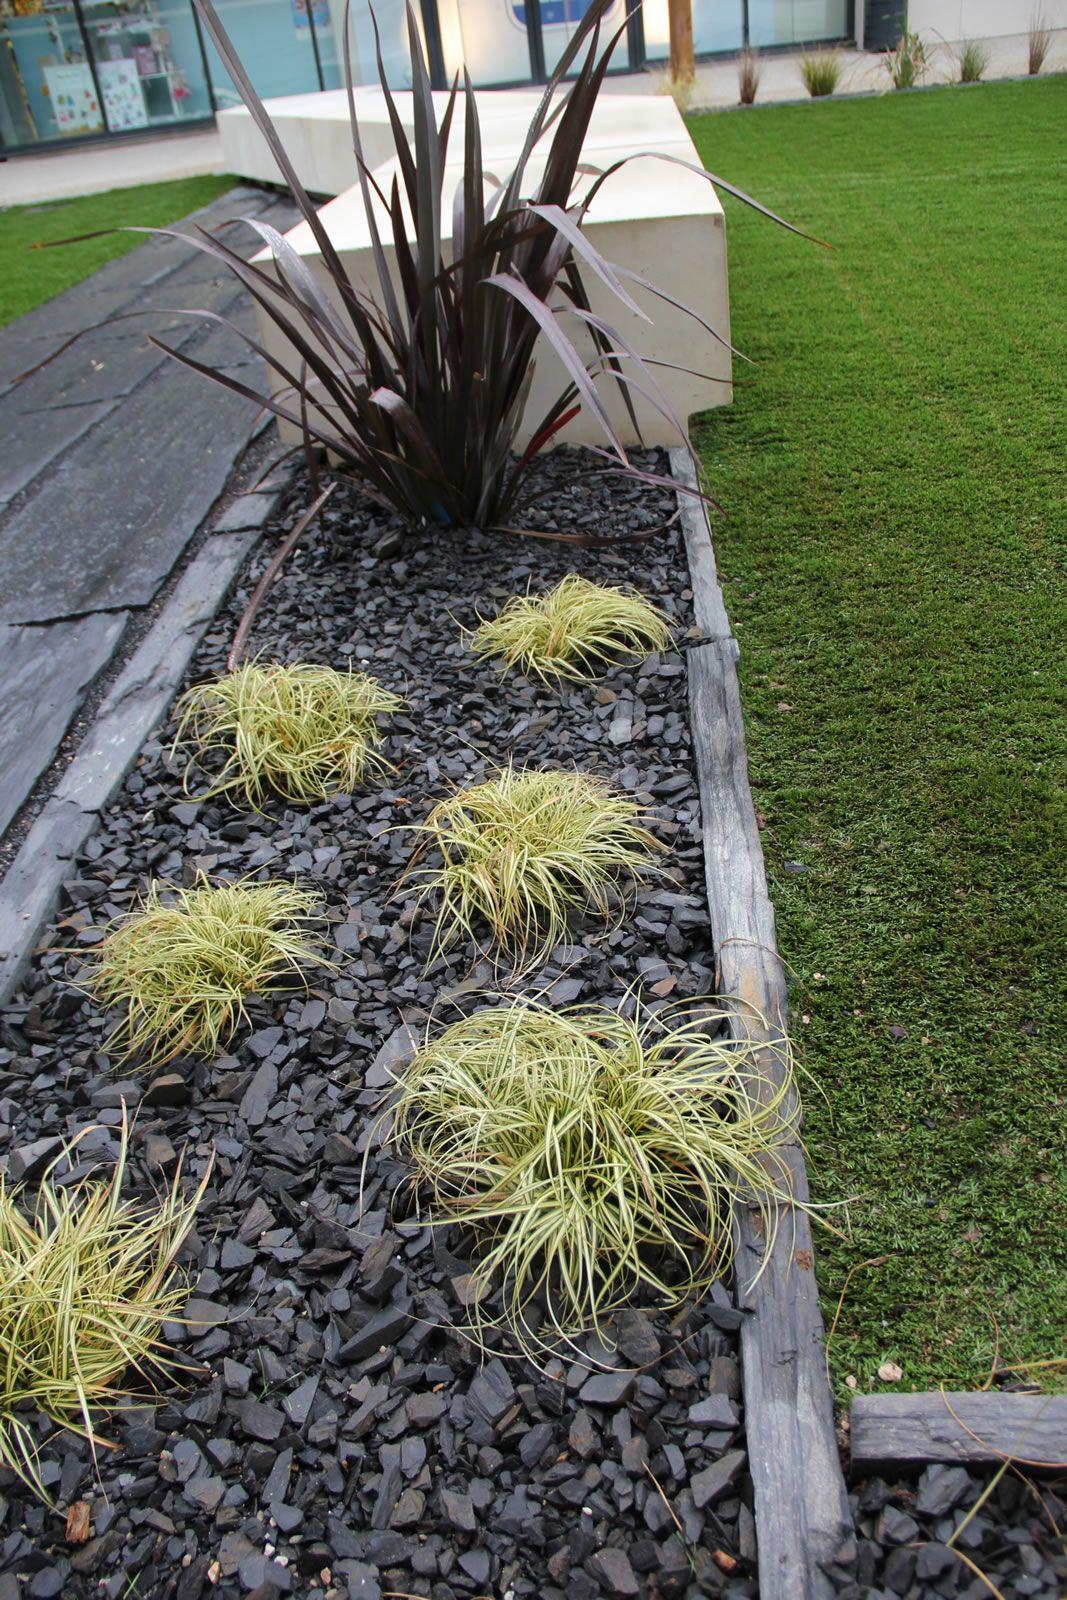 Installer une bordure en piquets d 39 ardoise et planter des for Jardin que planter